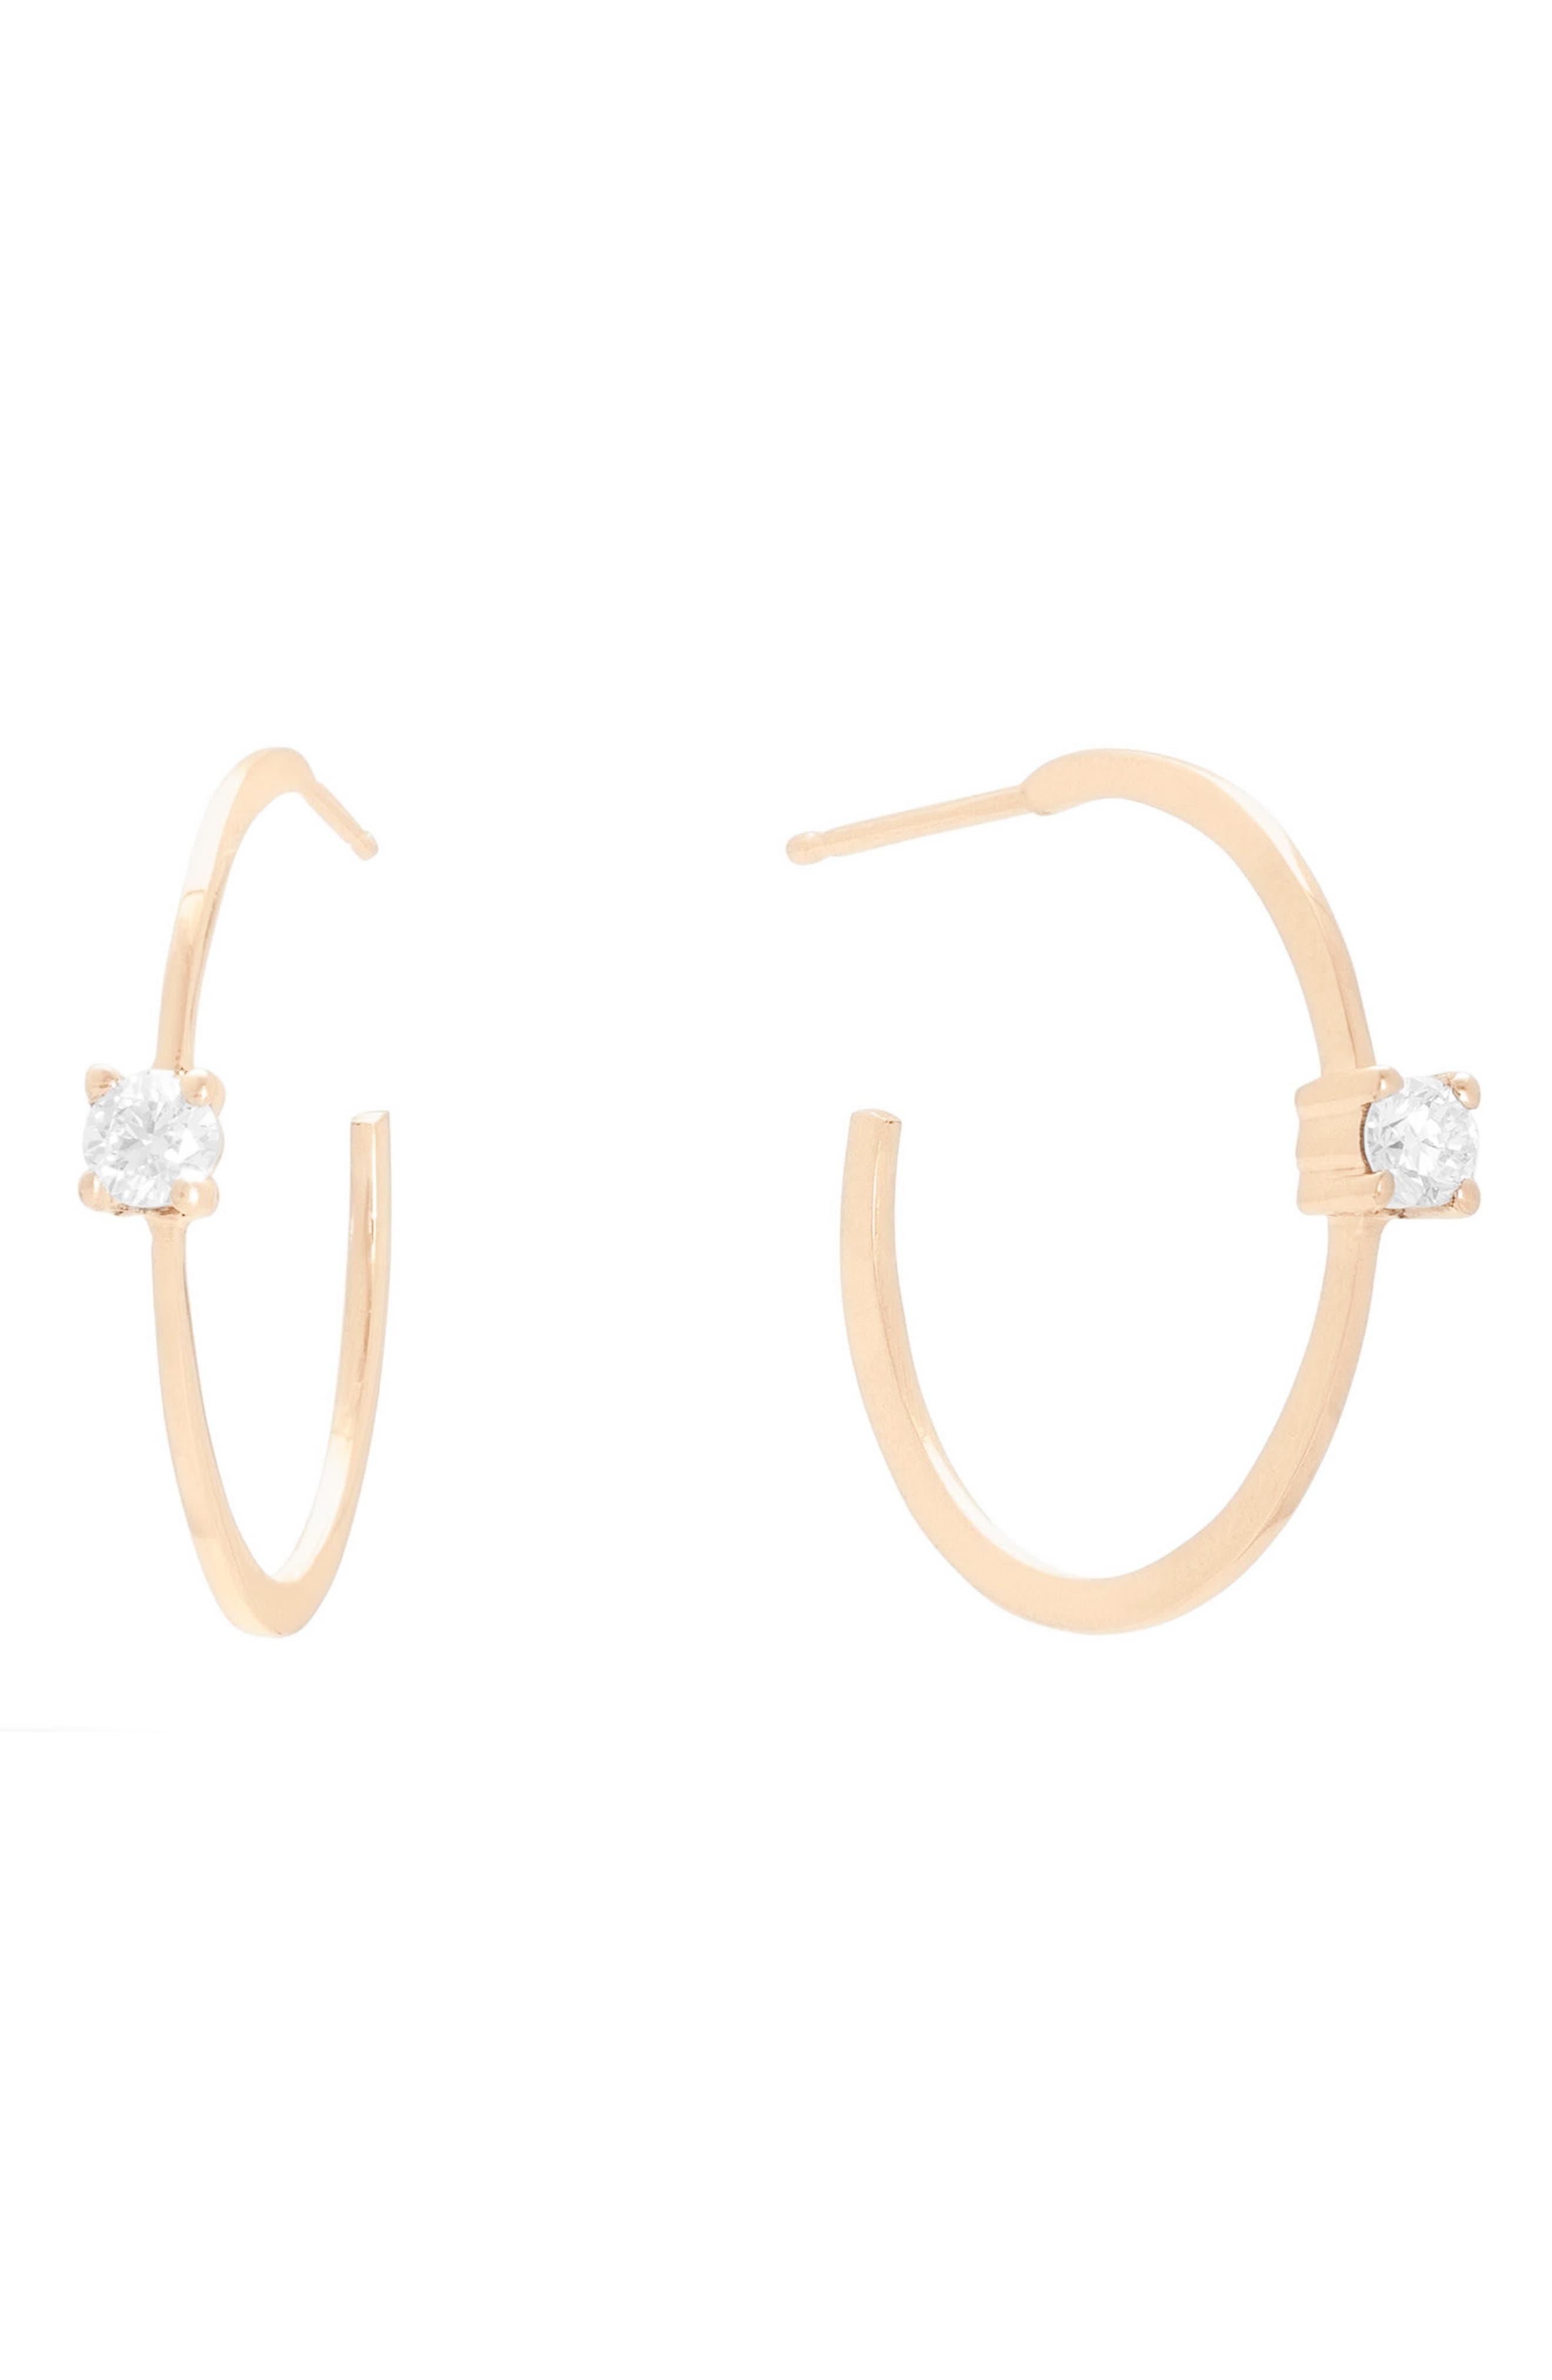 Small Solo Oval Diamond Hoop Earrings